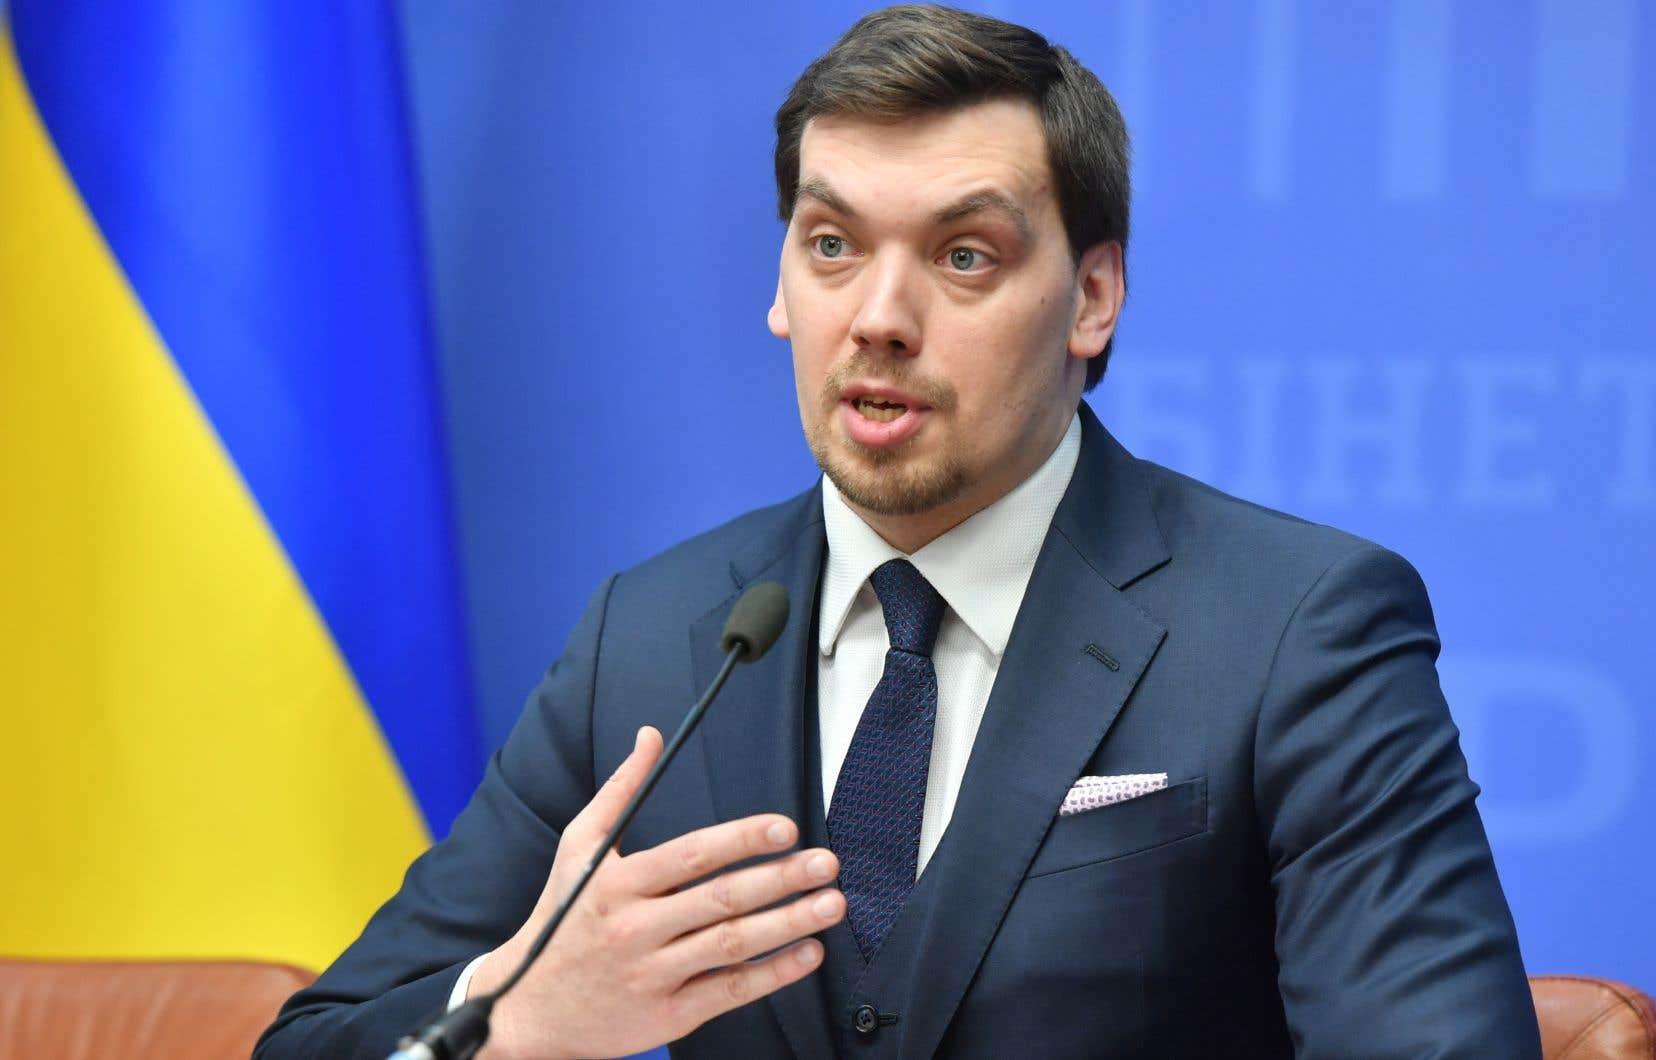 À 35 ans, Oleksiï Gontcharouk est le plus jeune premier ministre dans l'histoire de l'Ukraine.